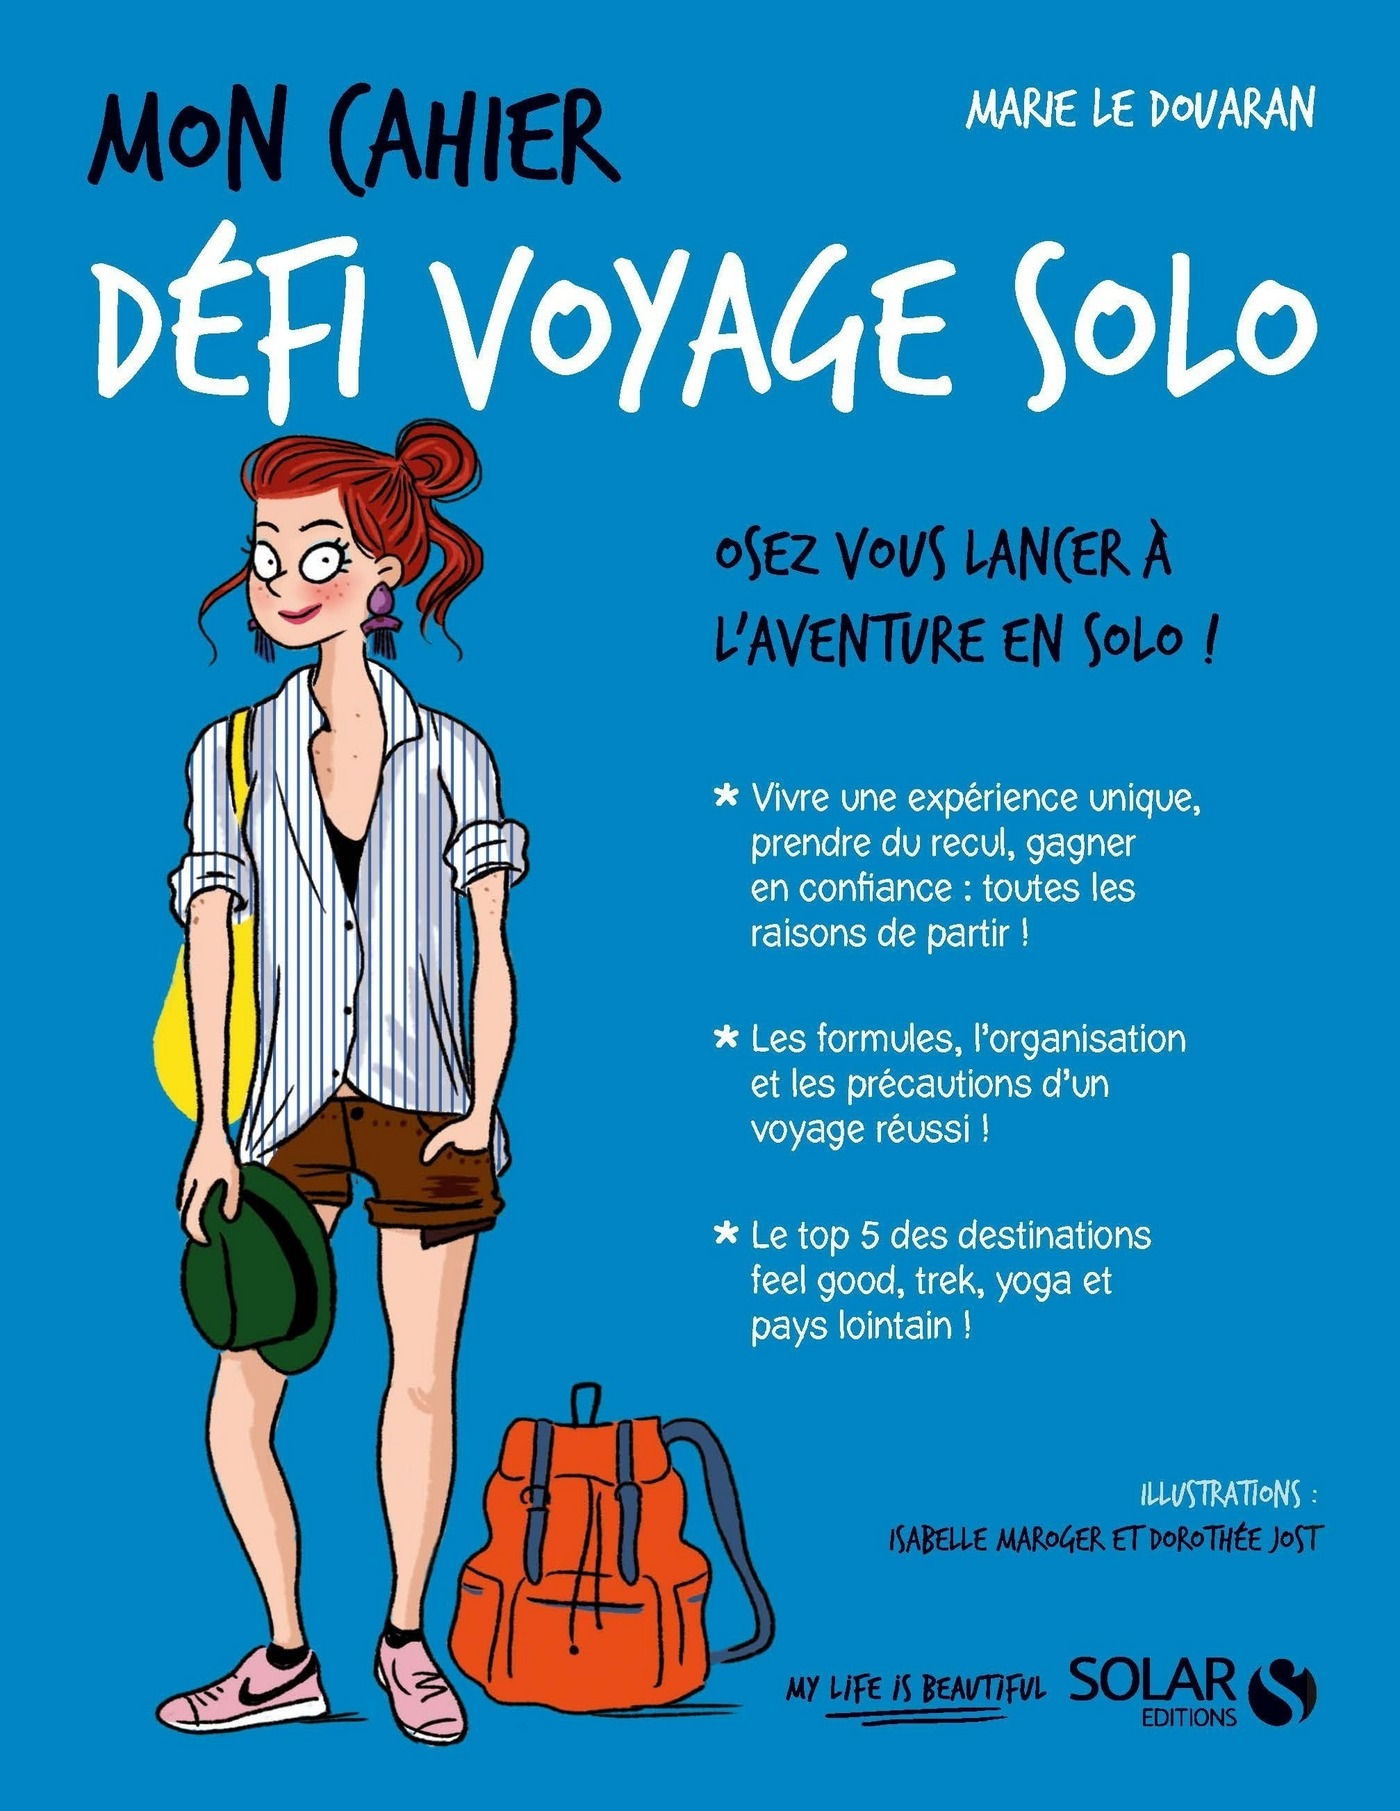 Vignette du livre Mon cahier Défi voyage solo